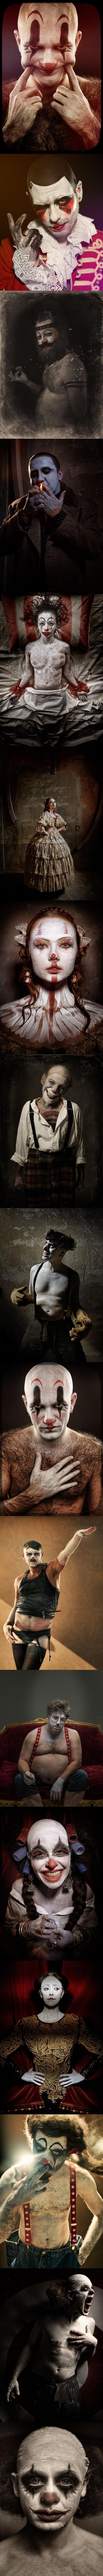 Clownville Клоуны итальянского андеграунда. Фотограф Eolo Perfido